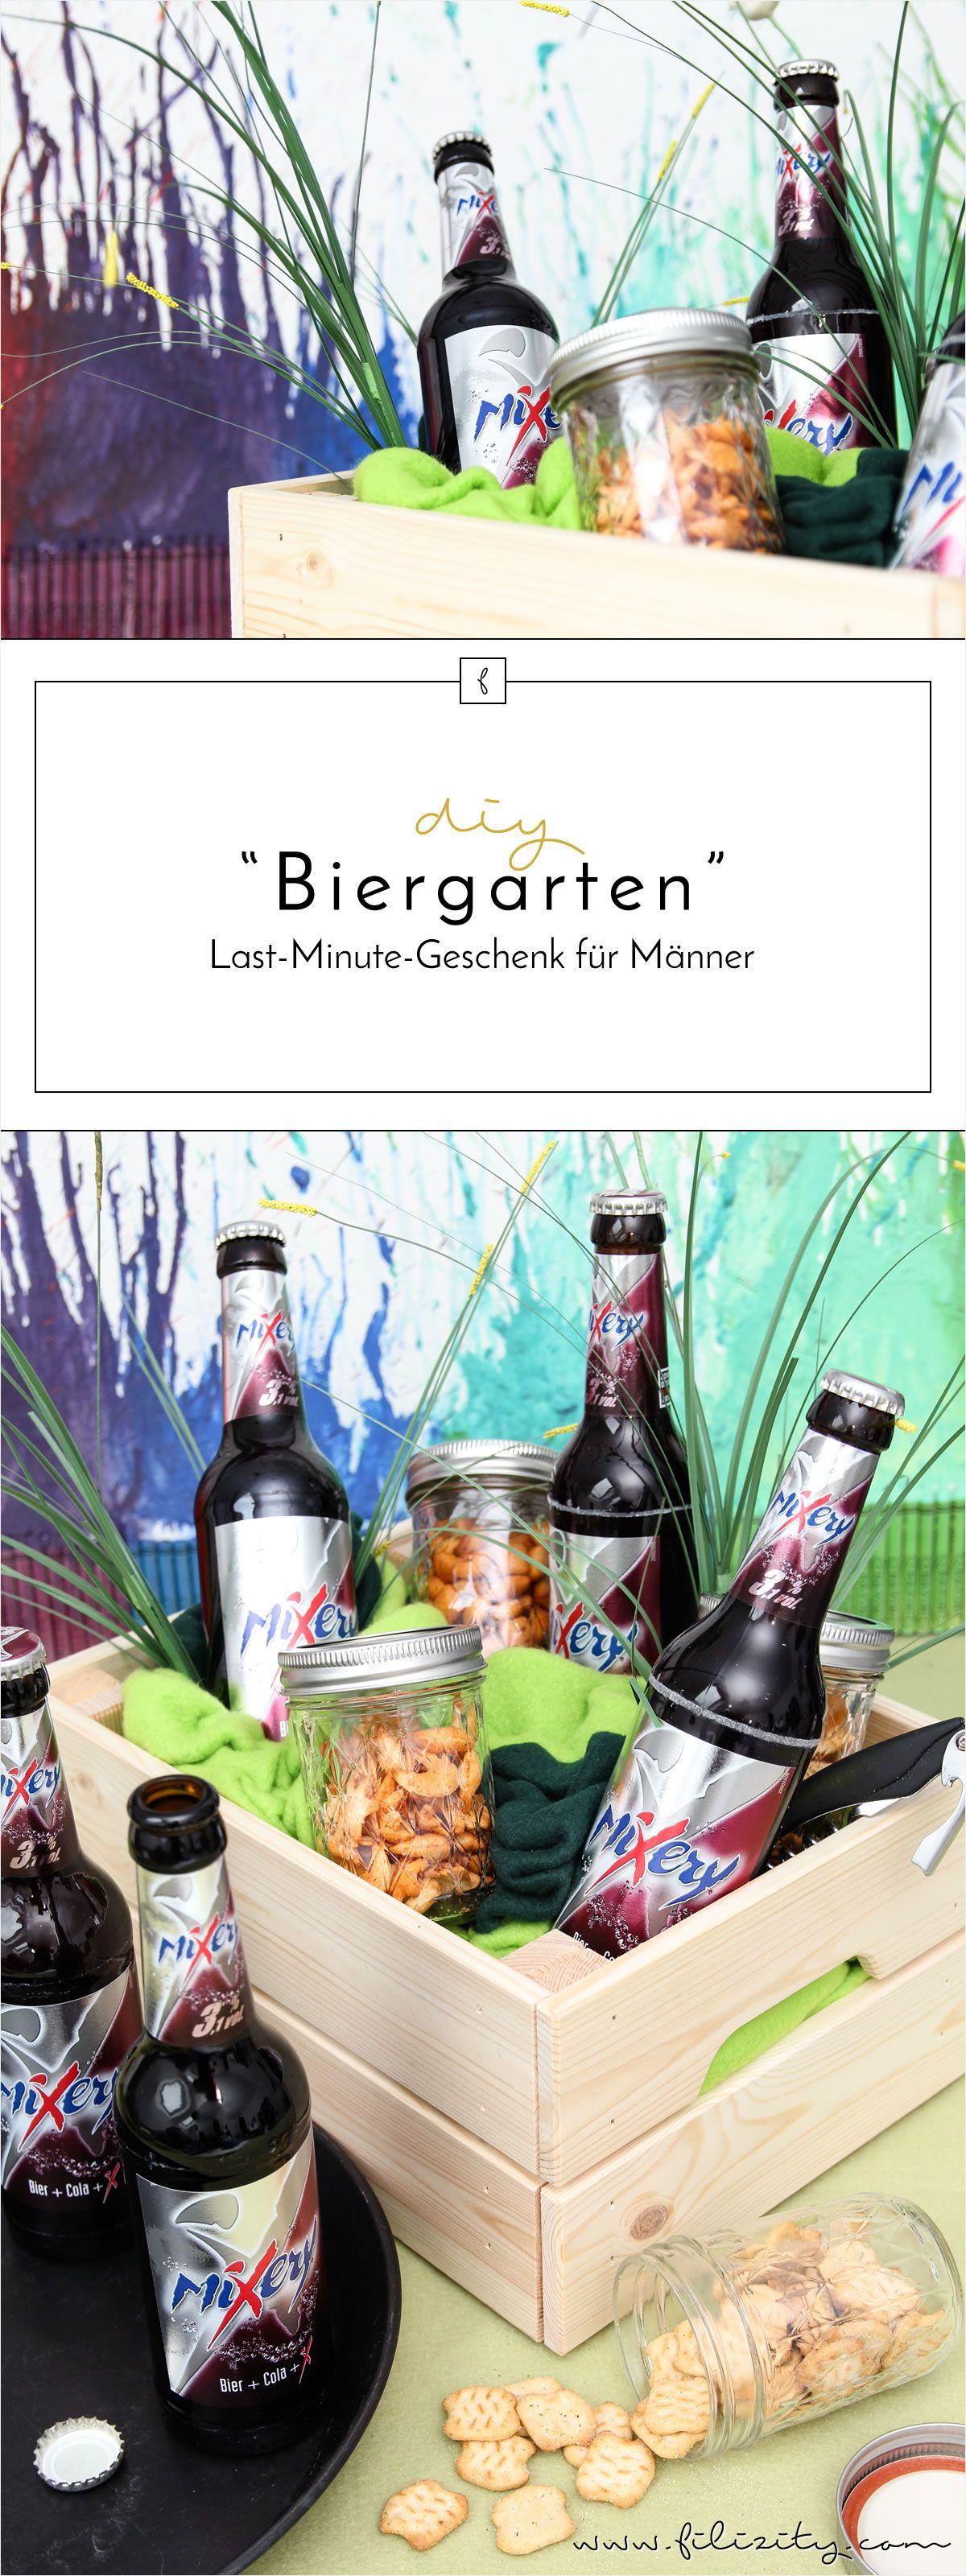 Last-Minute-Vatertagsgeschenk: Biergarten | Filizity.com